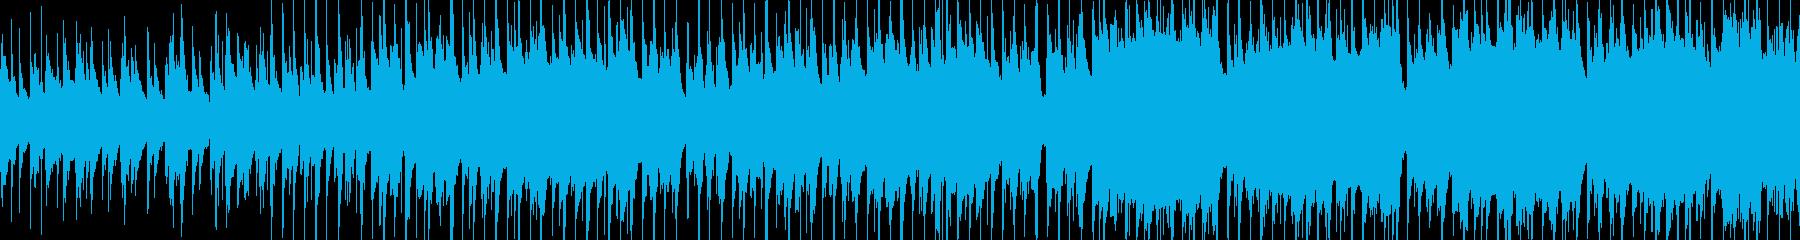 アコギと木管楽器の優しいBGMの再生済みの波形